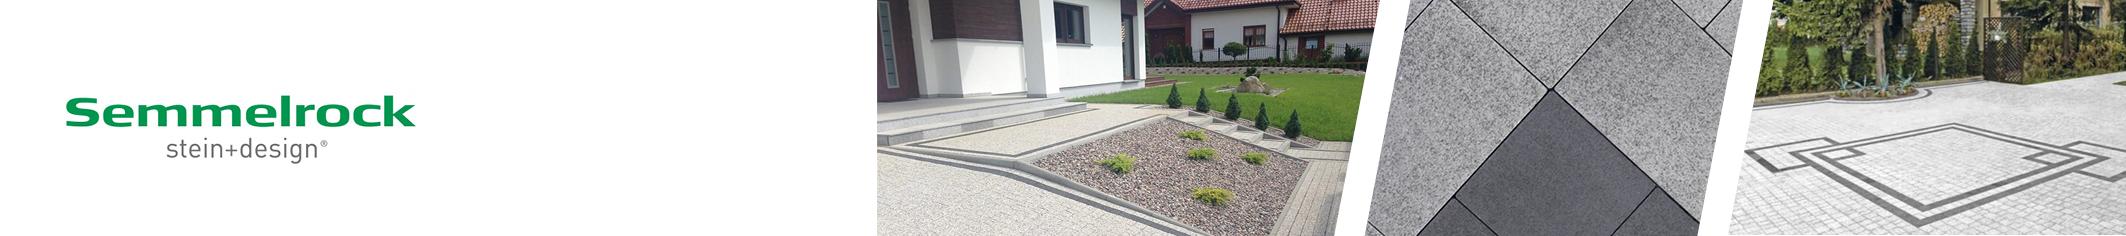 Ogrodzenia betonowe SEMMELROCK w OCMB Olsztyn